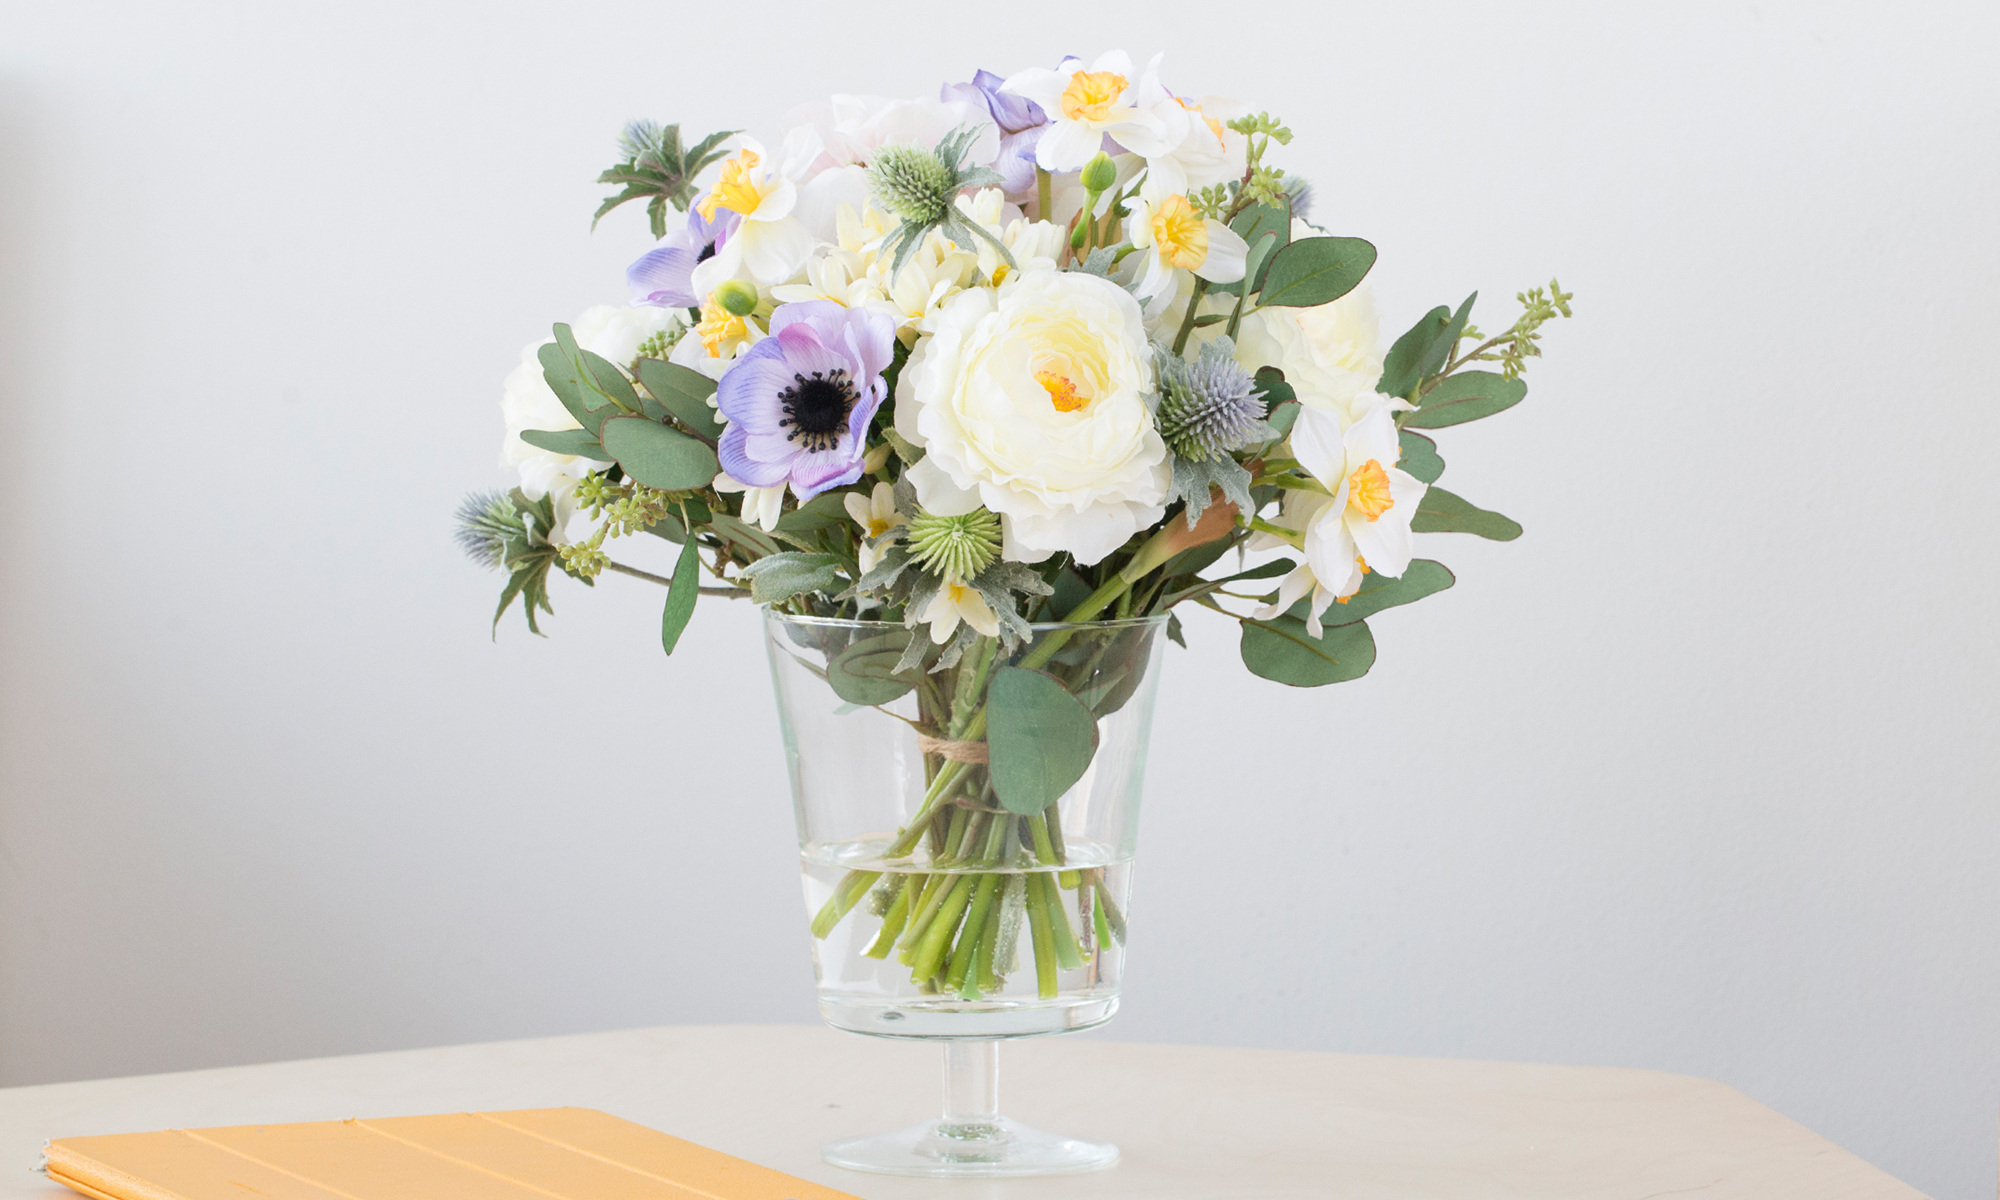 Купить Композиция из искусственных цветов - нарциссы, анемоны, гортензия, inmyroom, Россия